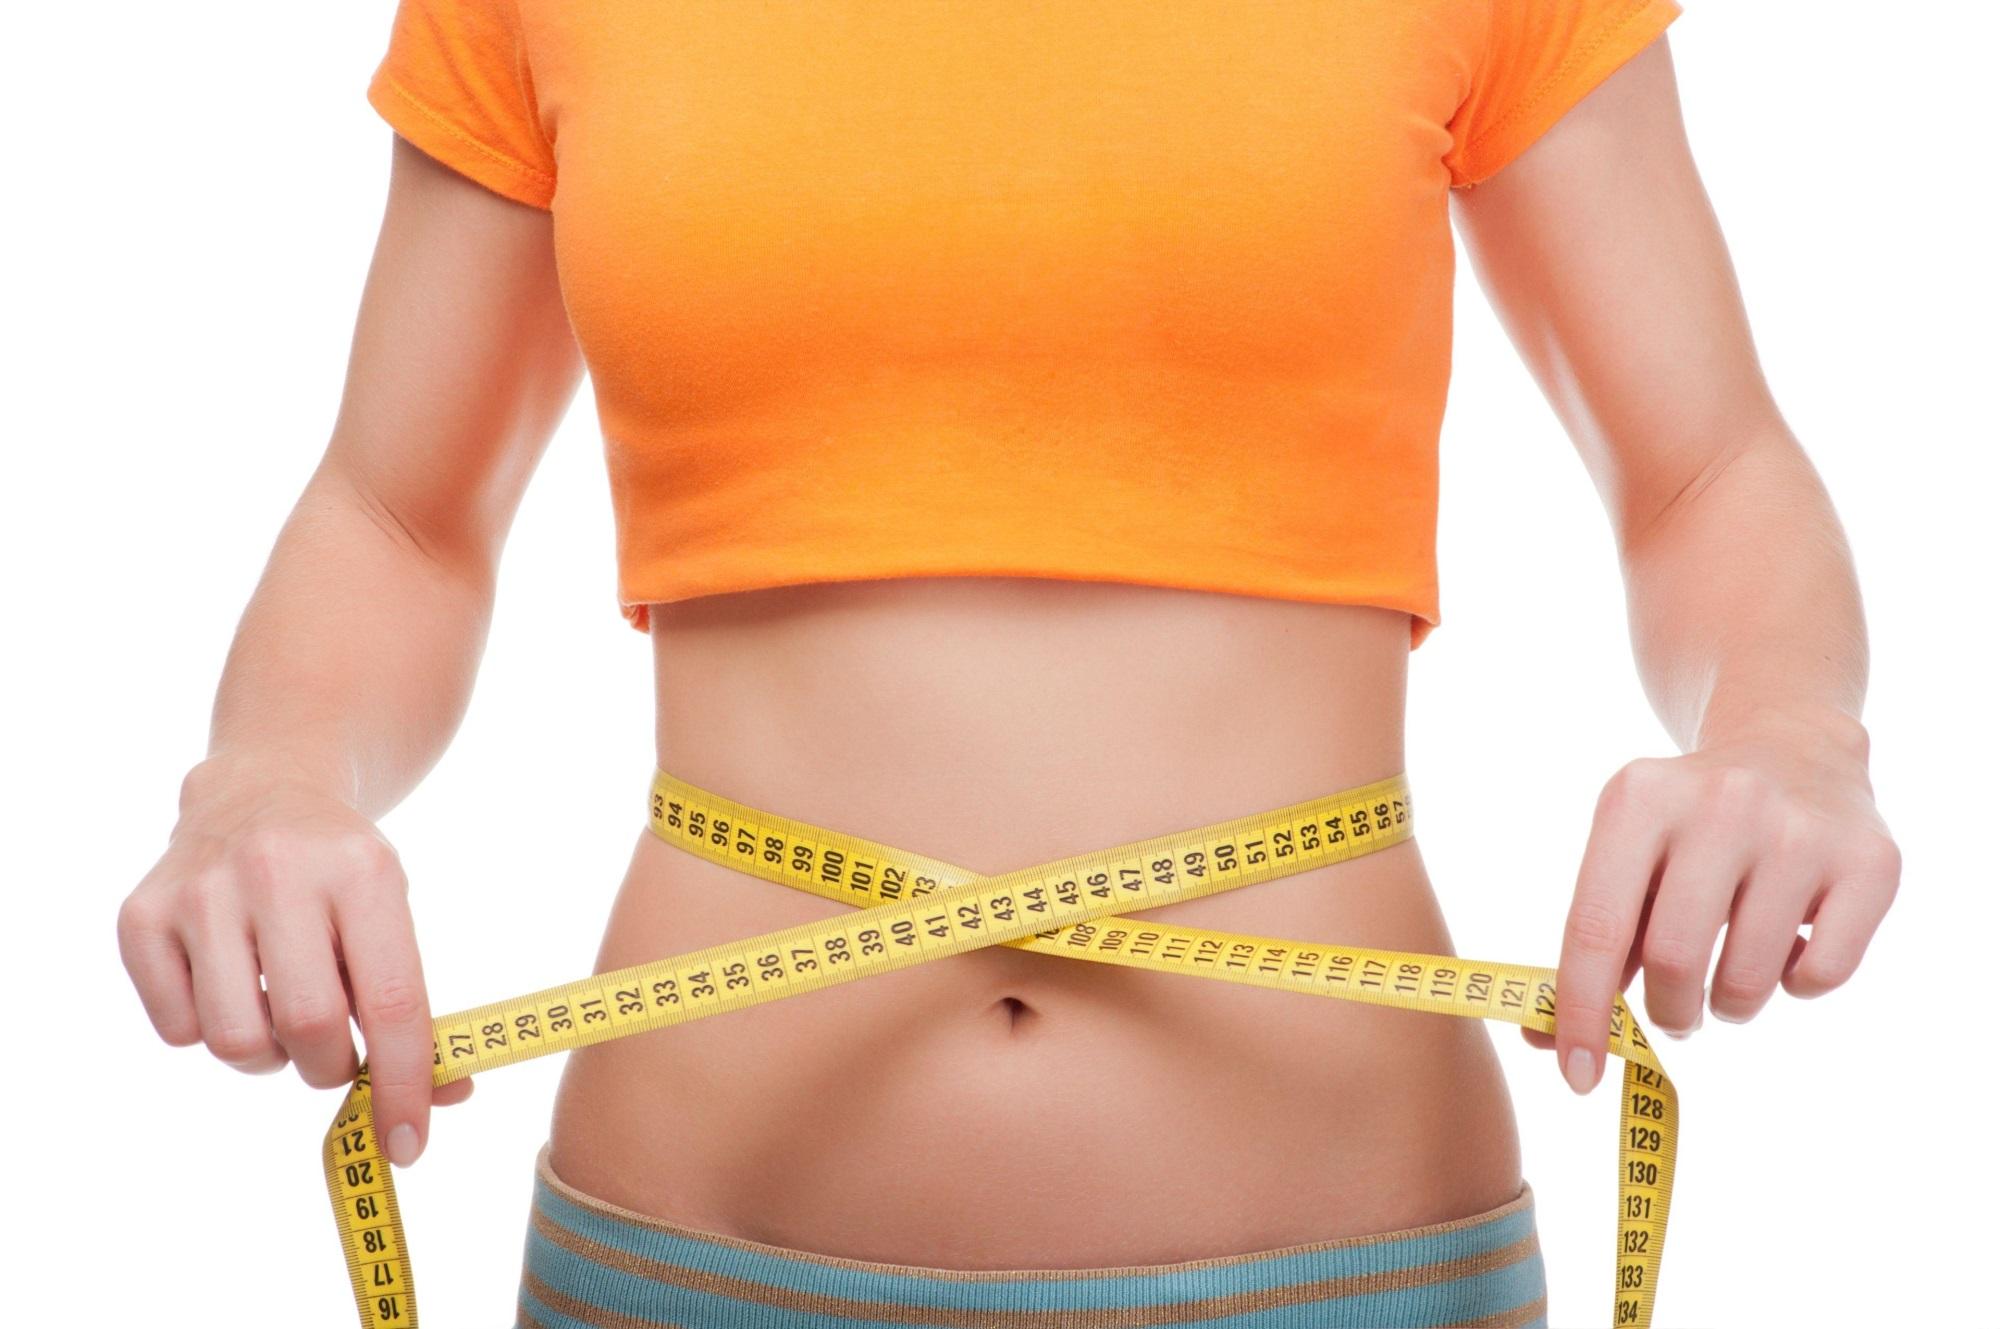 4 chìa khóa giúp kiểm soát mỡ bụng cực hiệu quả mà ít ai ngờ đến - Ảnh 1